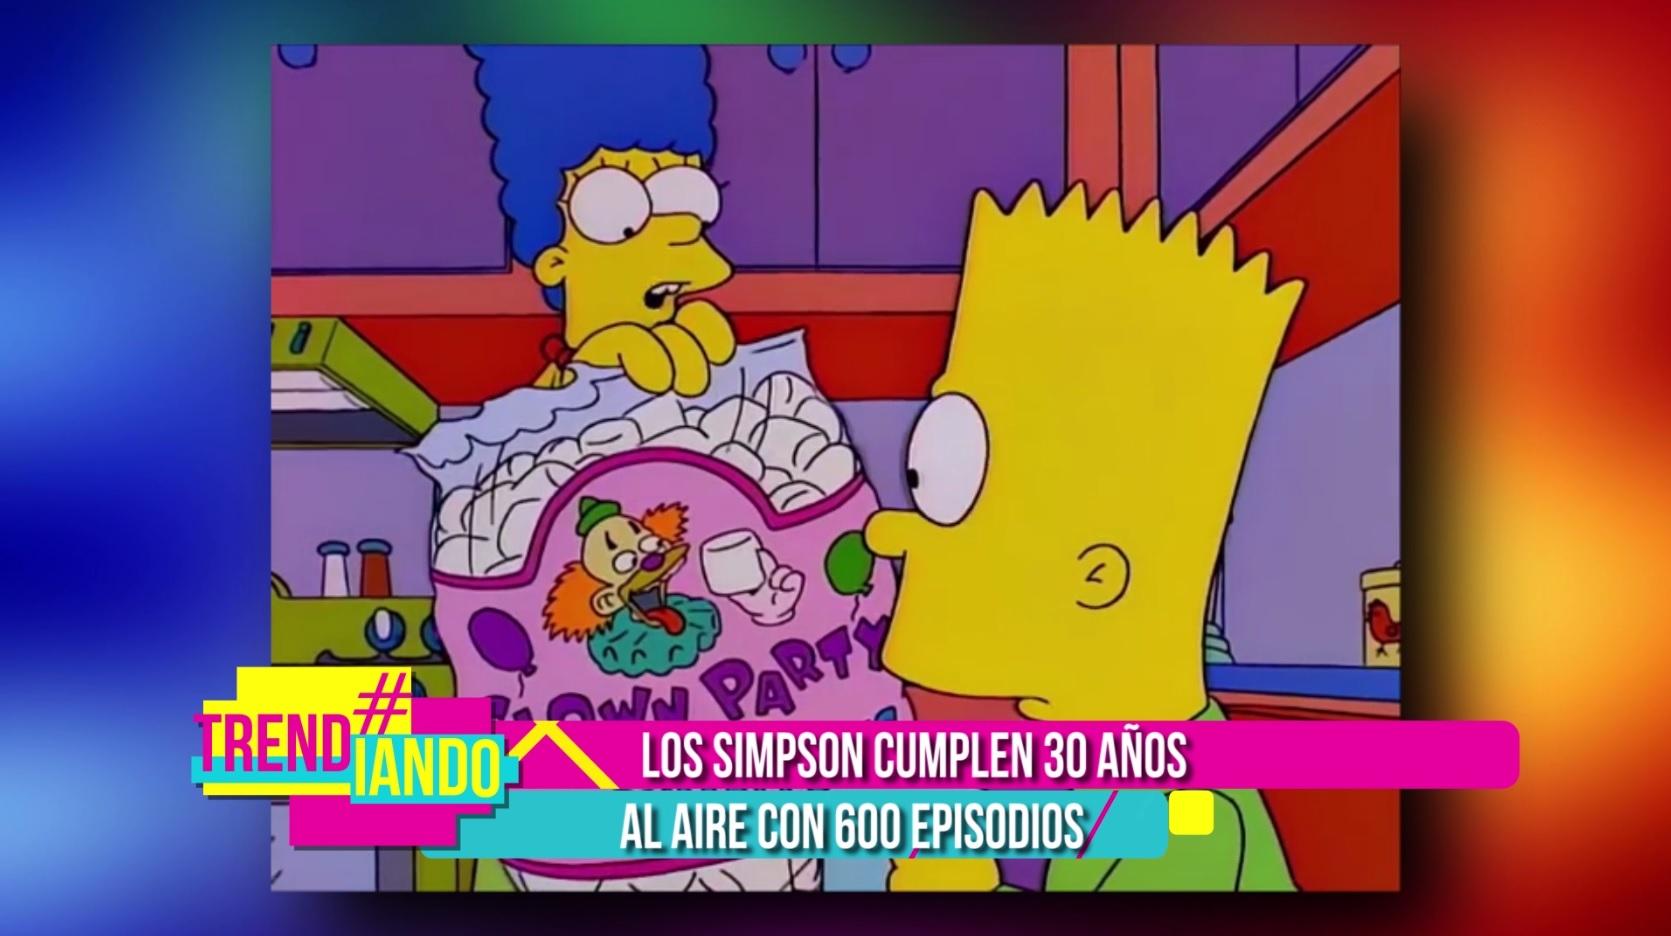 lo-mas-trending-son-los-simpson-30-aniversario.jpg